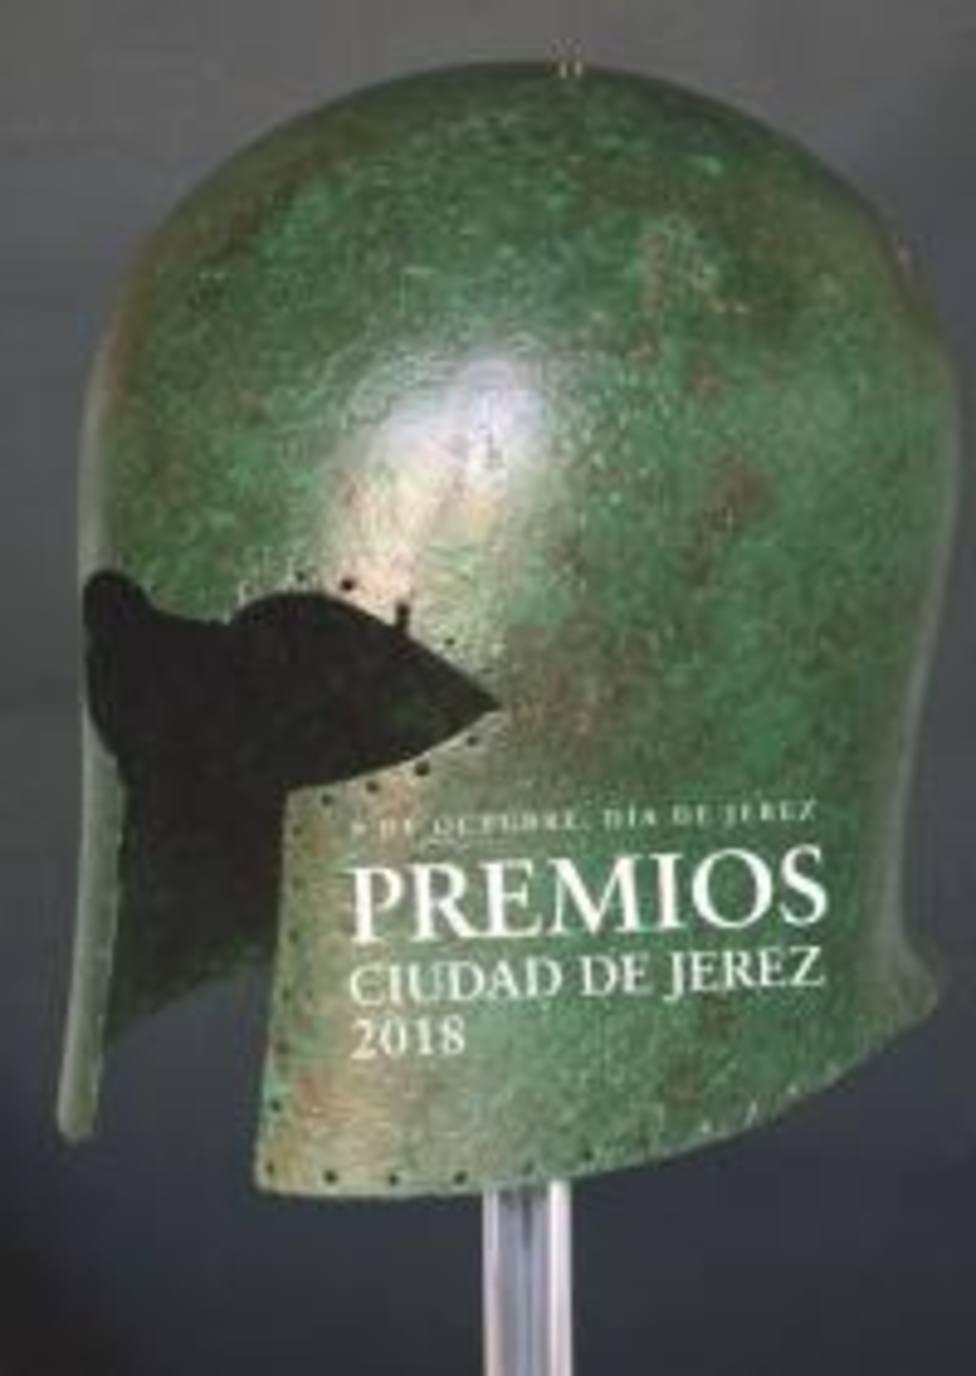 Premios Ciudad de Jerez 2019